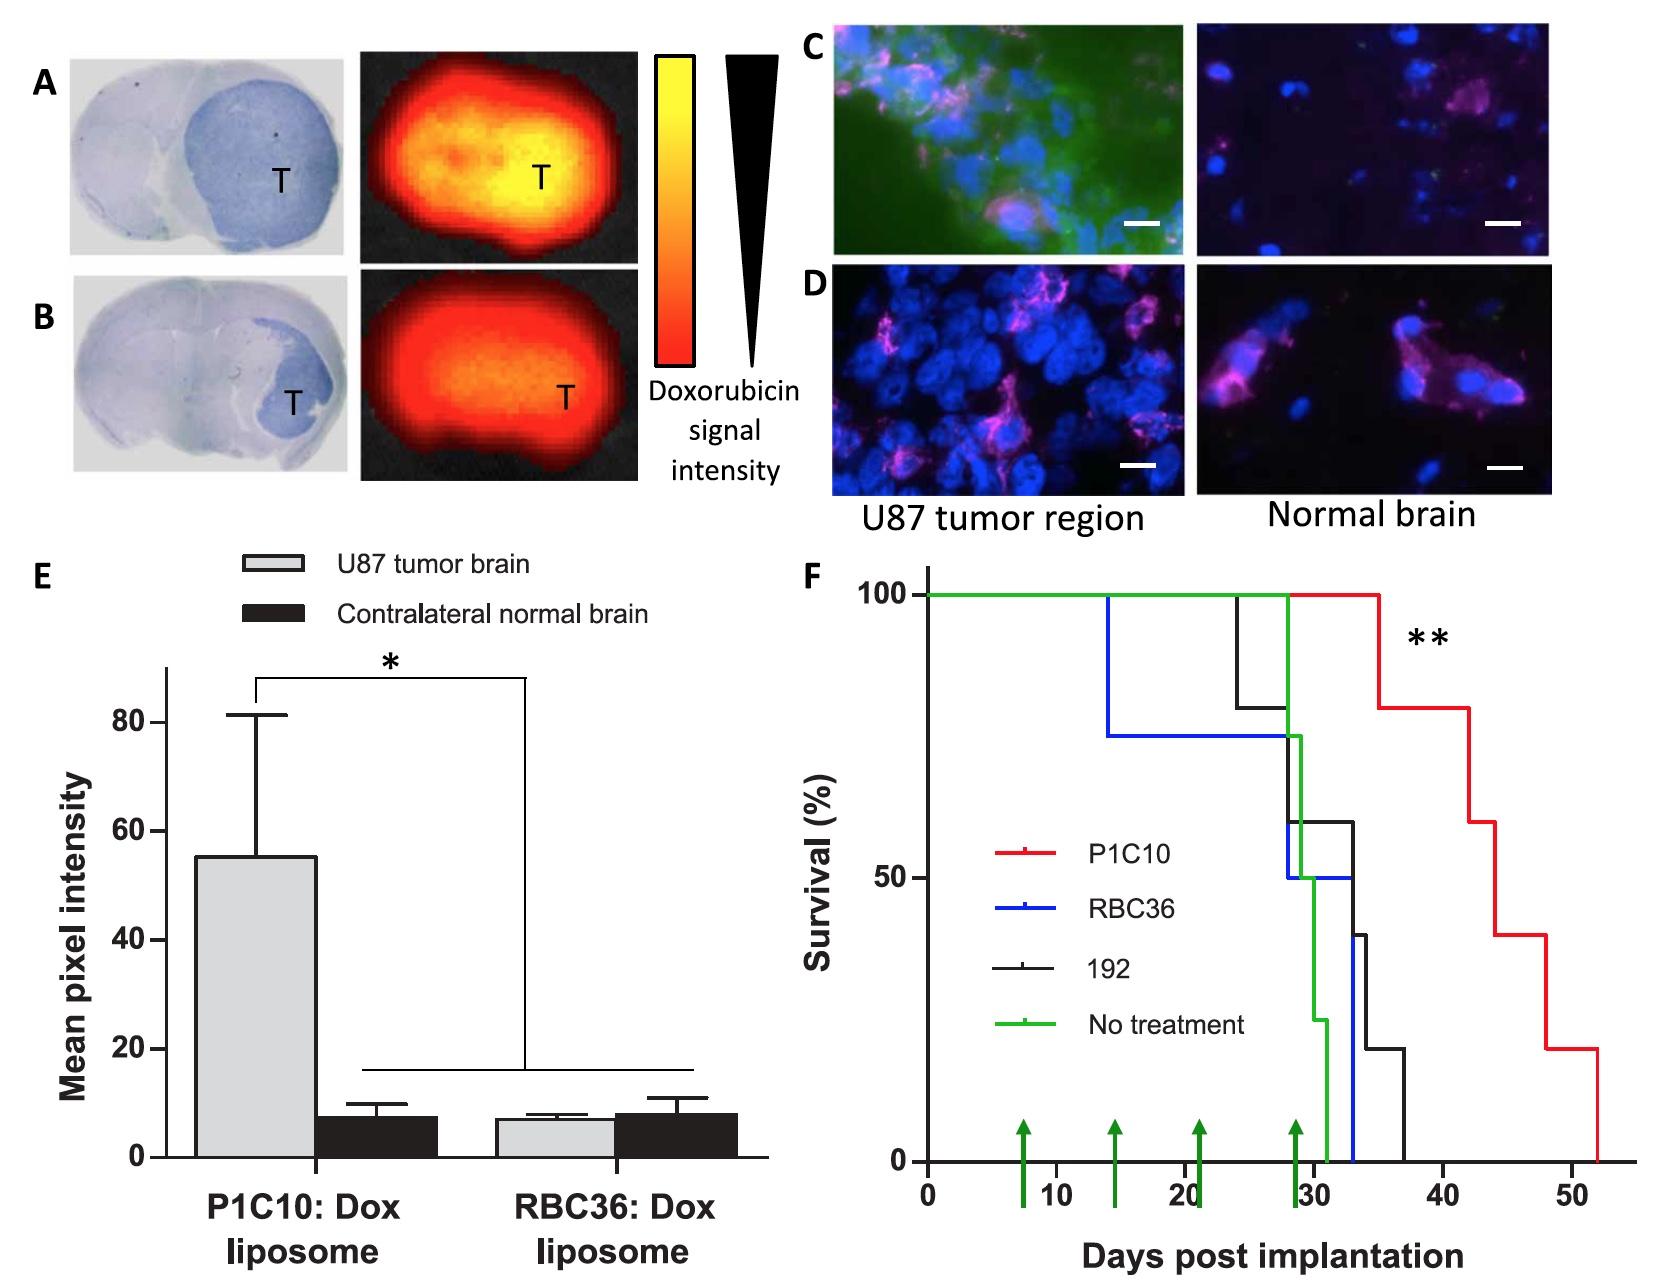 Вред во благо: иммунная система миноги в борьбе с раком головного мозга человека - 10